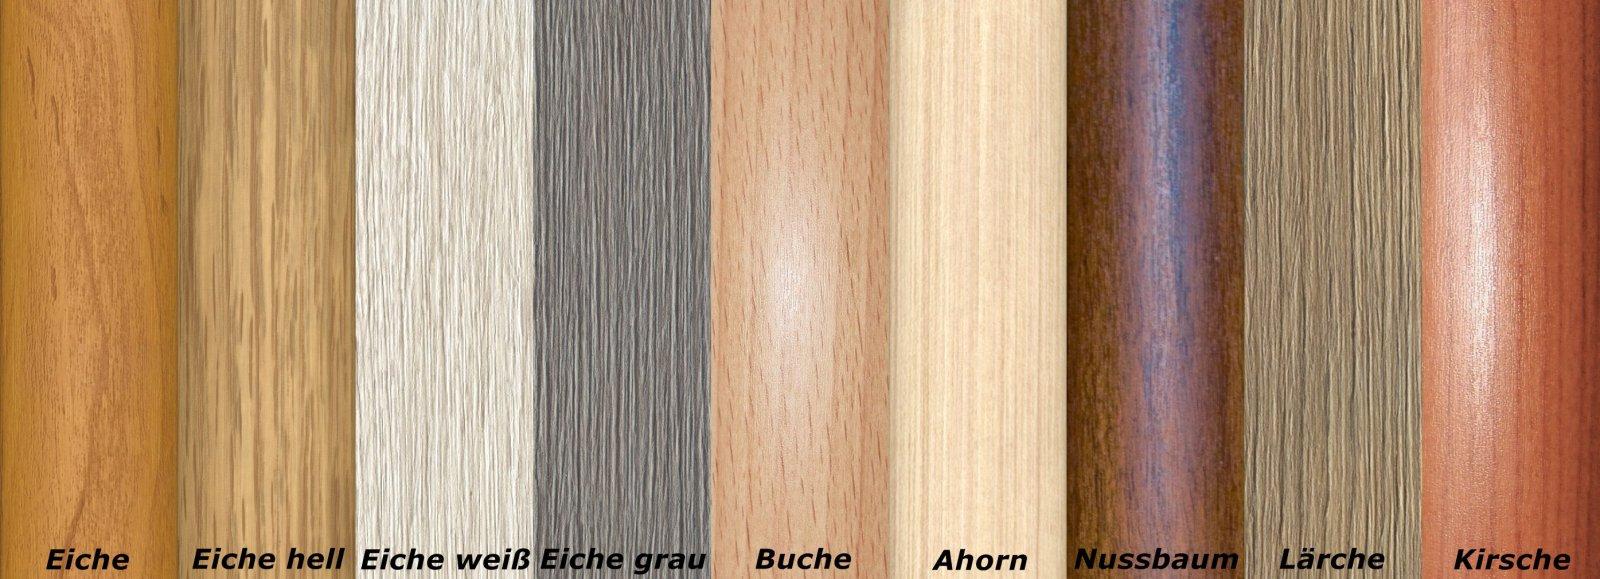 3 C 02 /Übergangsprofil Anpassungsprofil Ausgleichsprofil 60 mm Holzdekor Nussbaum